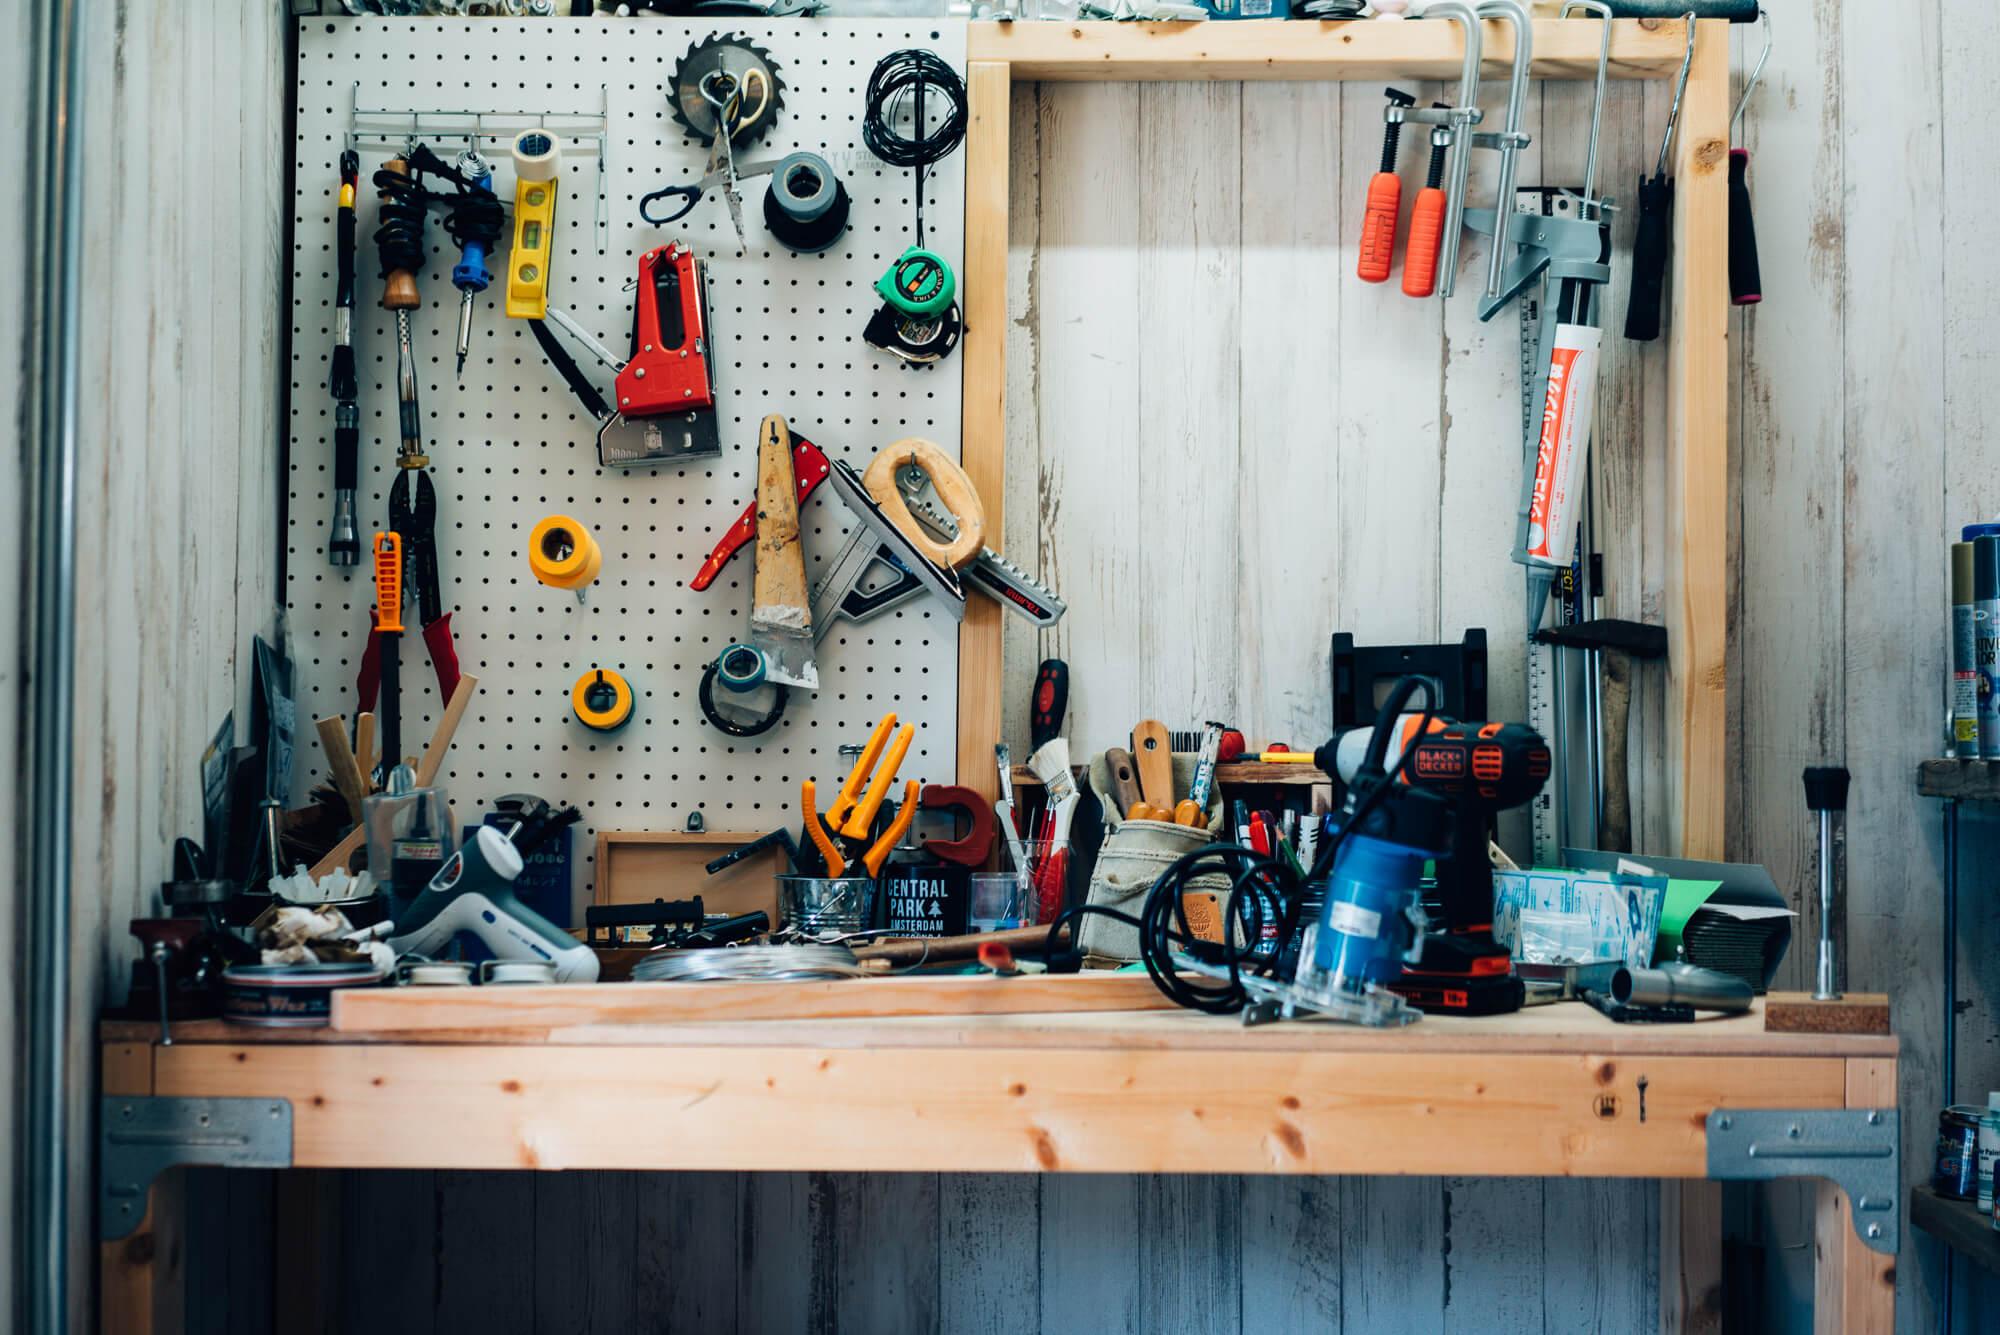 すぐに使える工具も貸し出してもらえます。